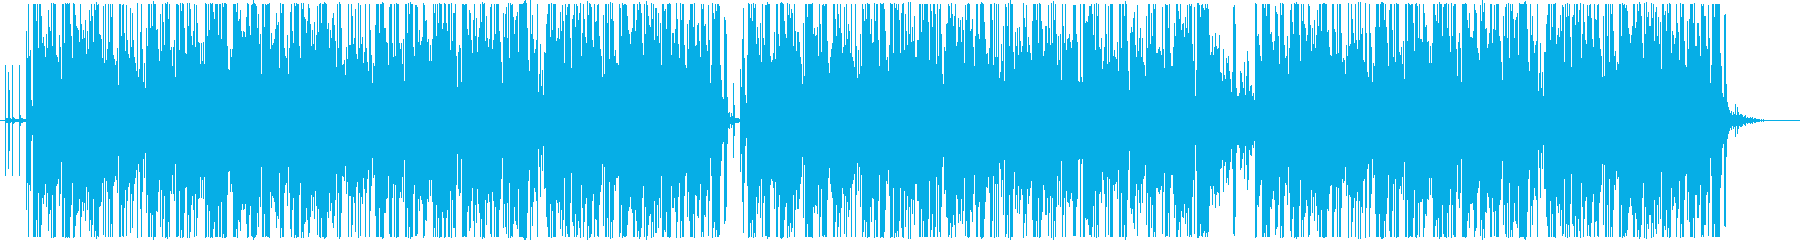 ゆったりした雰囲気のポップ、ヒップホップの再生済みの波形